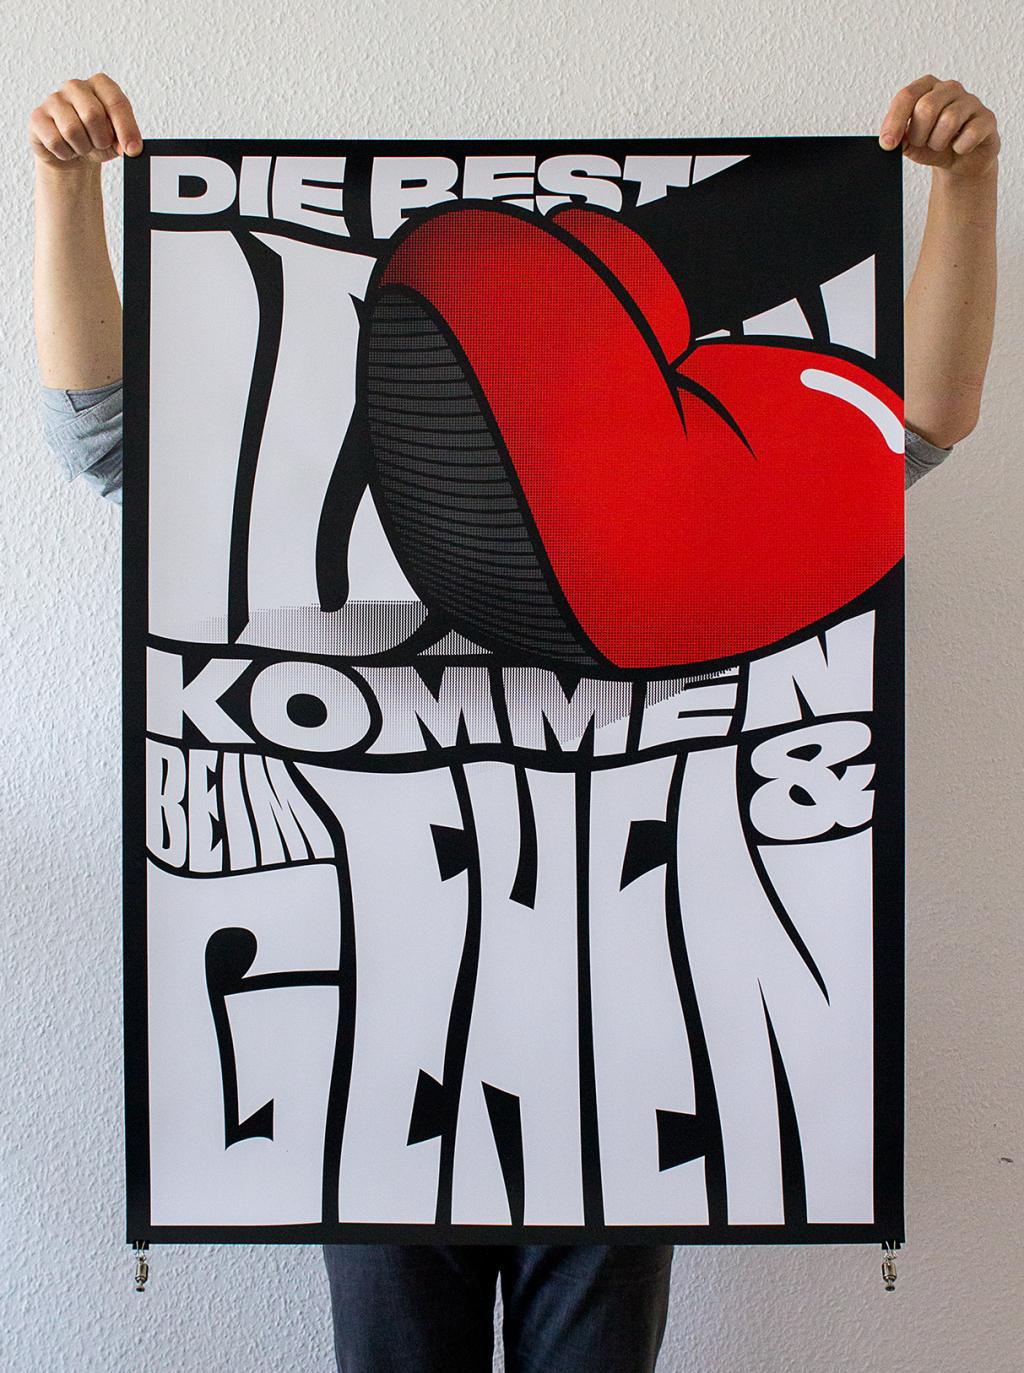 Martin Gnadt — Kommunikationsdesign DIE BESTEN IDEEN poster